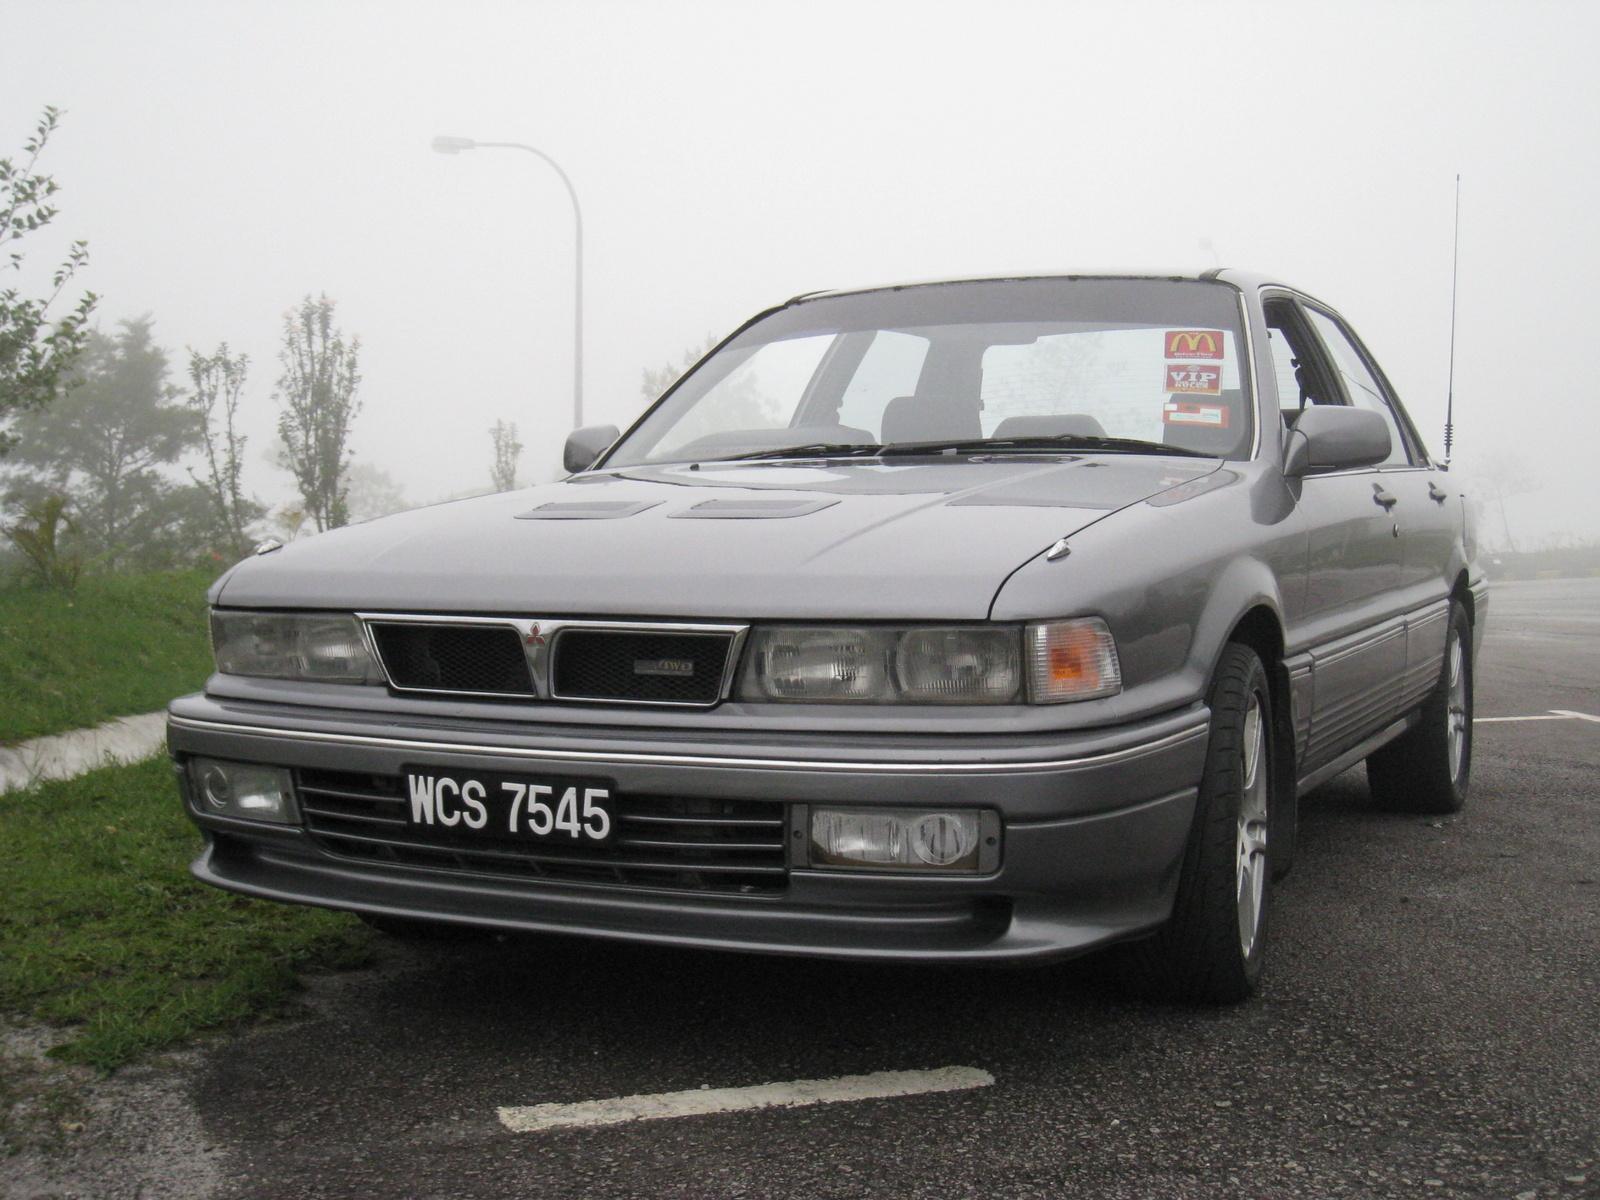 1992 Mitsubishi Galant Pictures Cargurus